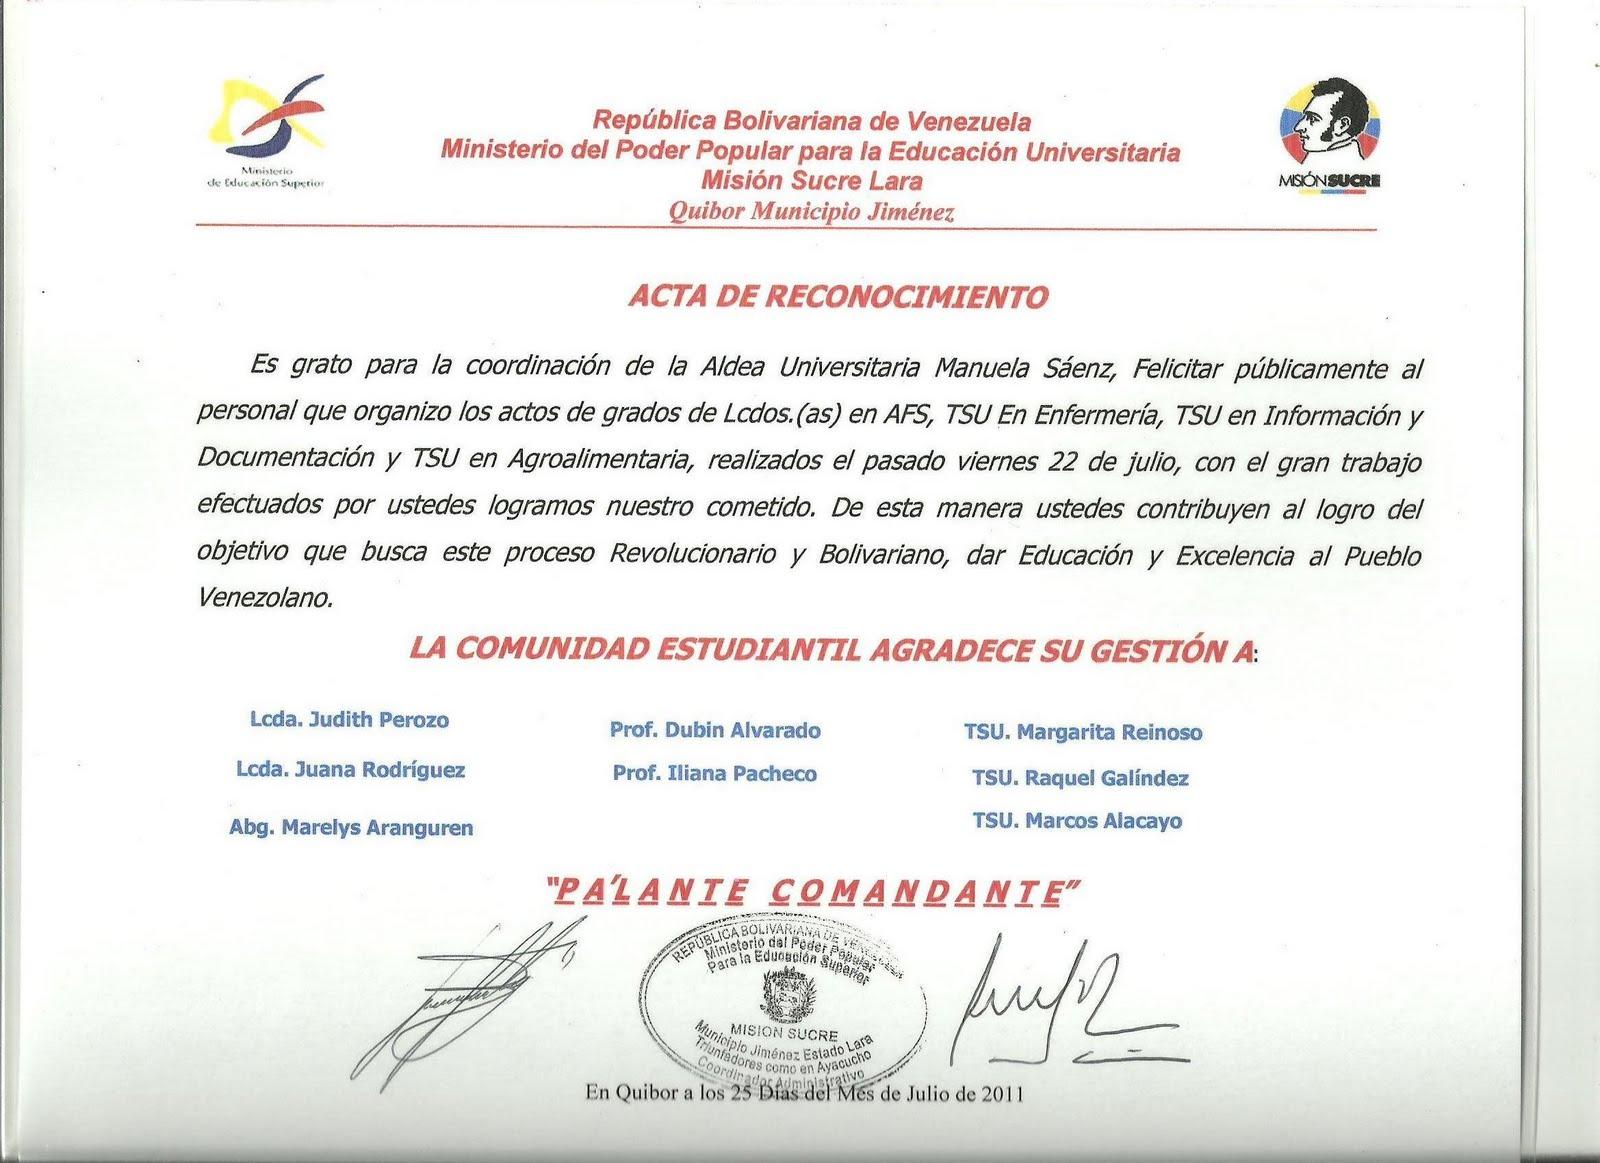 Certificado De Reconocimiento Cristiano